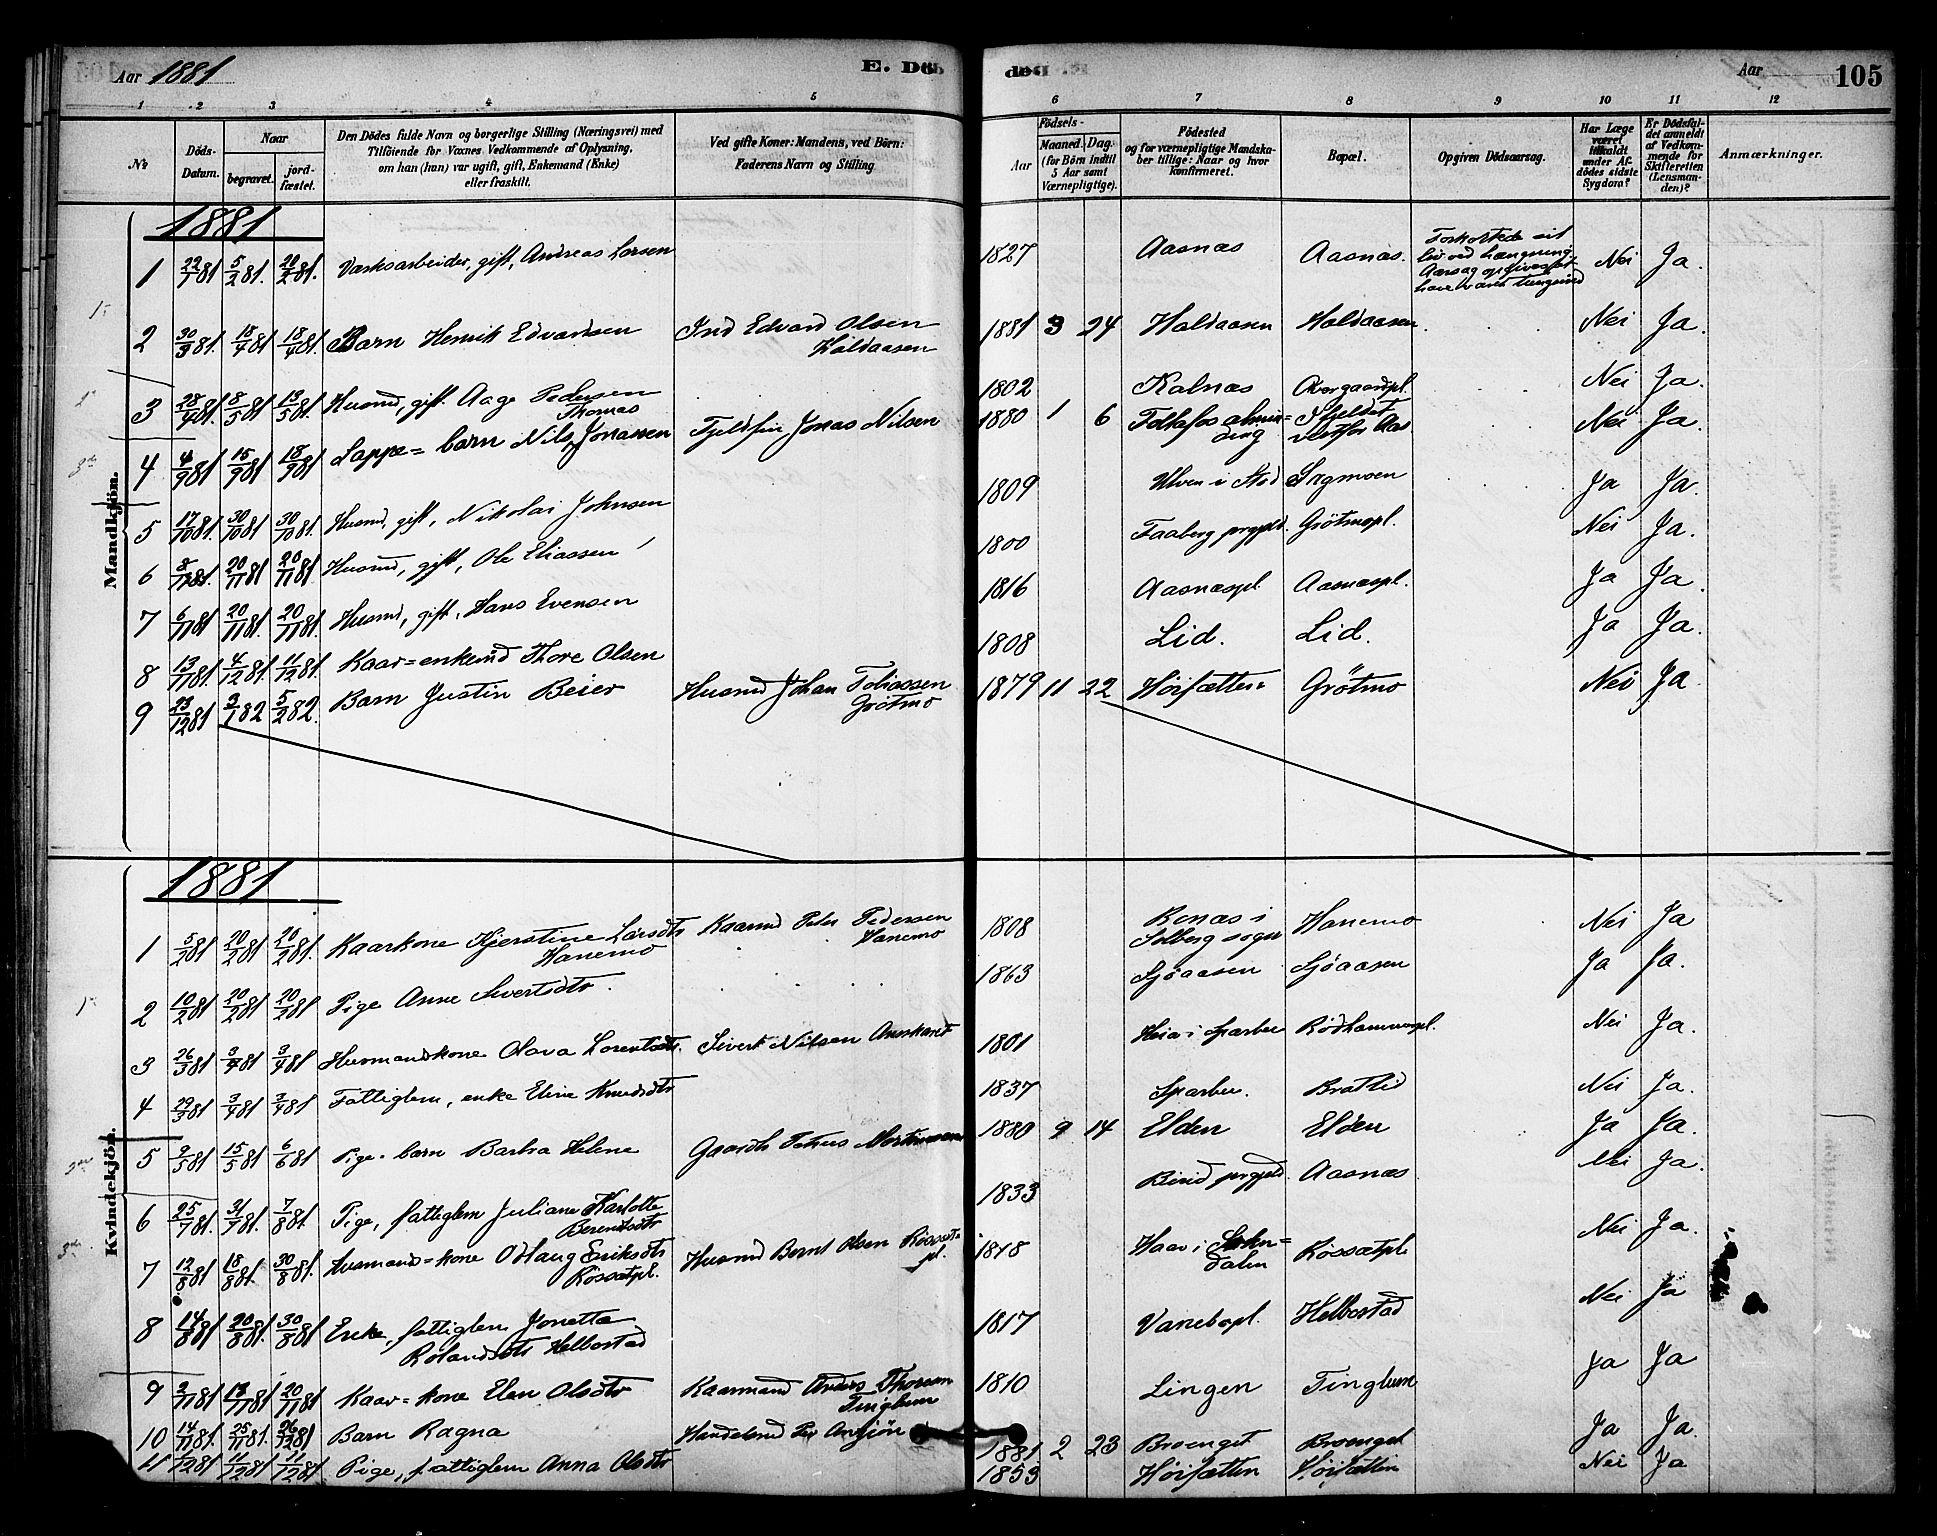 SAT, Ministerialprotokoller, klokkerbøker og fødselsregistre - Nord-Trøndelag, 742/L0408: Ministerialbok nr. 742A01, 1878-1890, s. 105